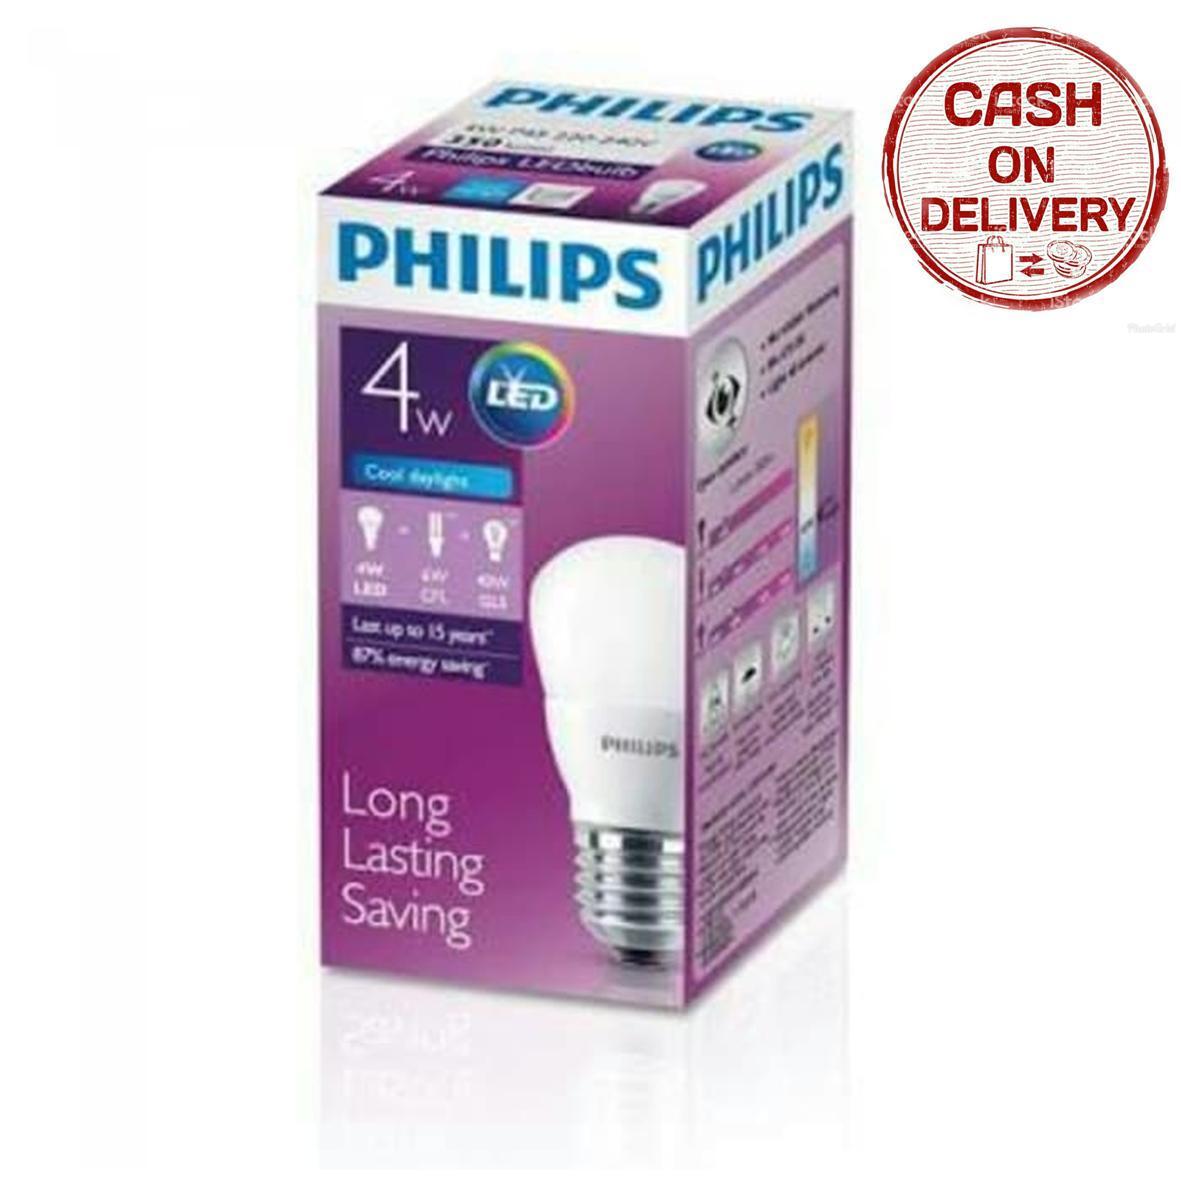 Kado Unik-- Lampu Led Philips 4 Watt / Lampu / Led Philips / Philips Lighting /  Lampu Led Berkualitas / Lampu Philips Murah